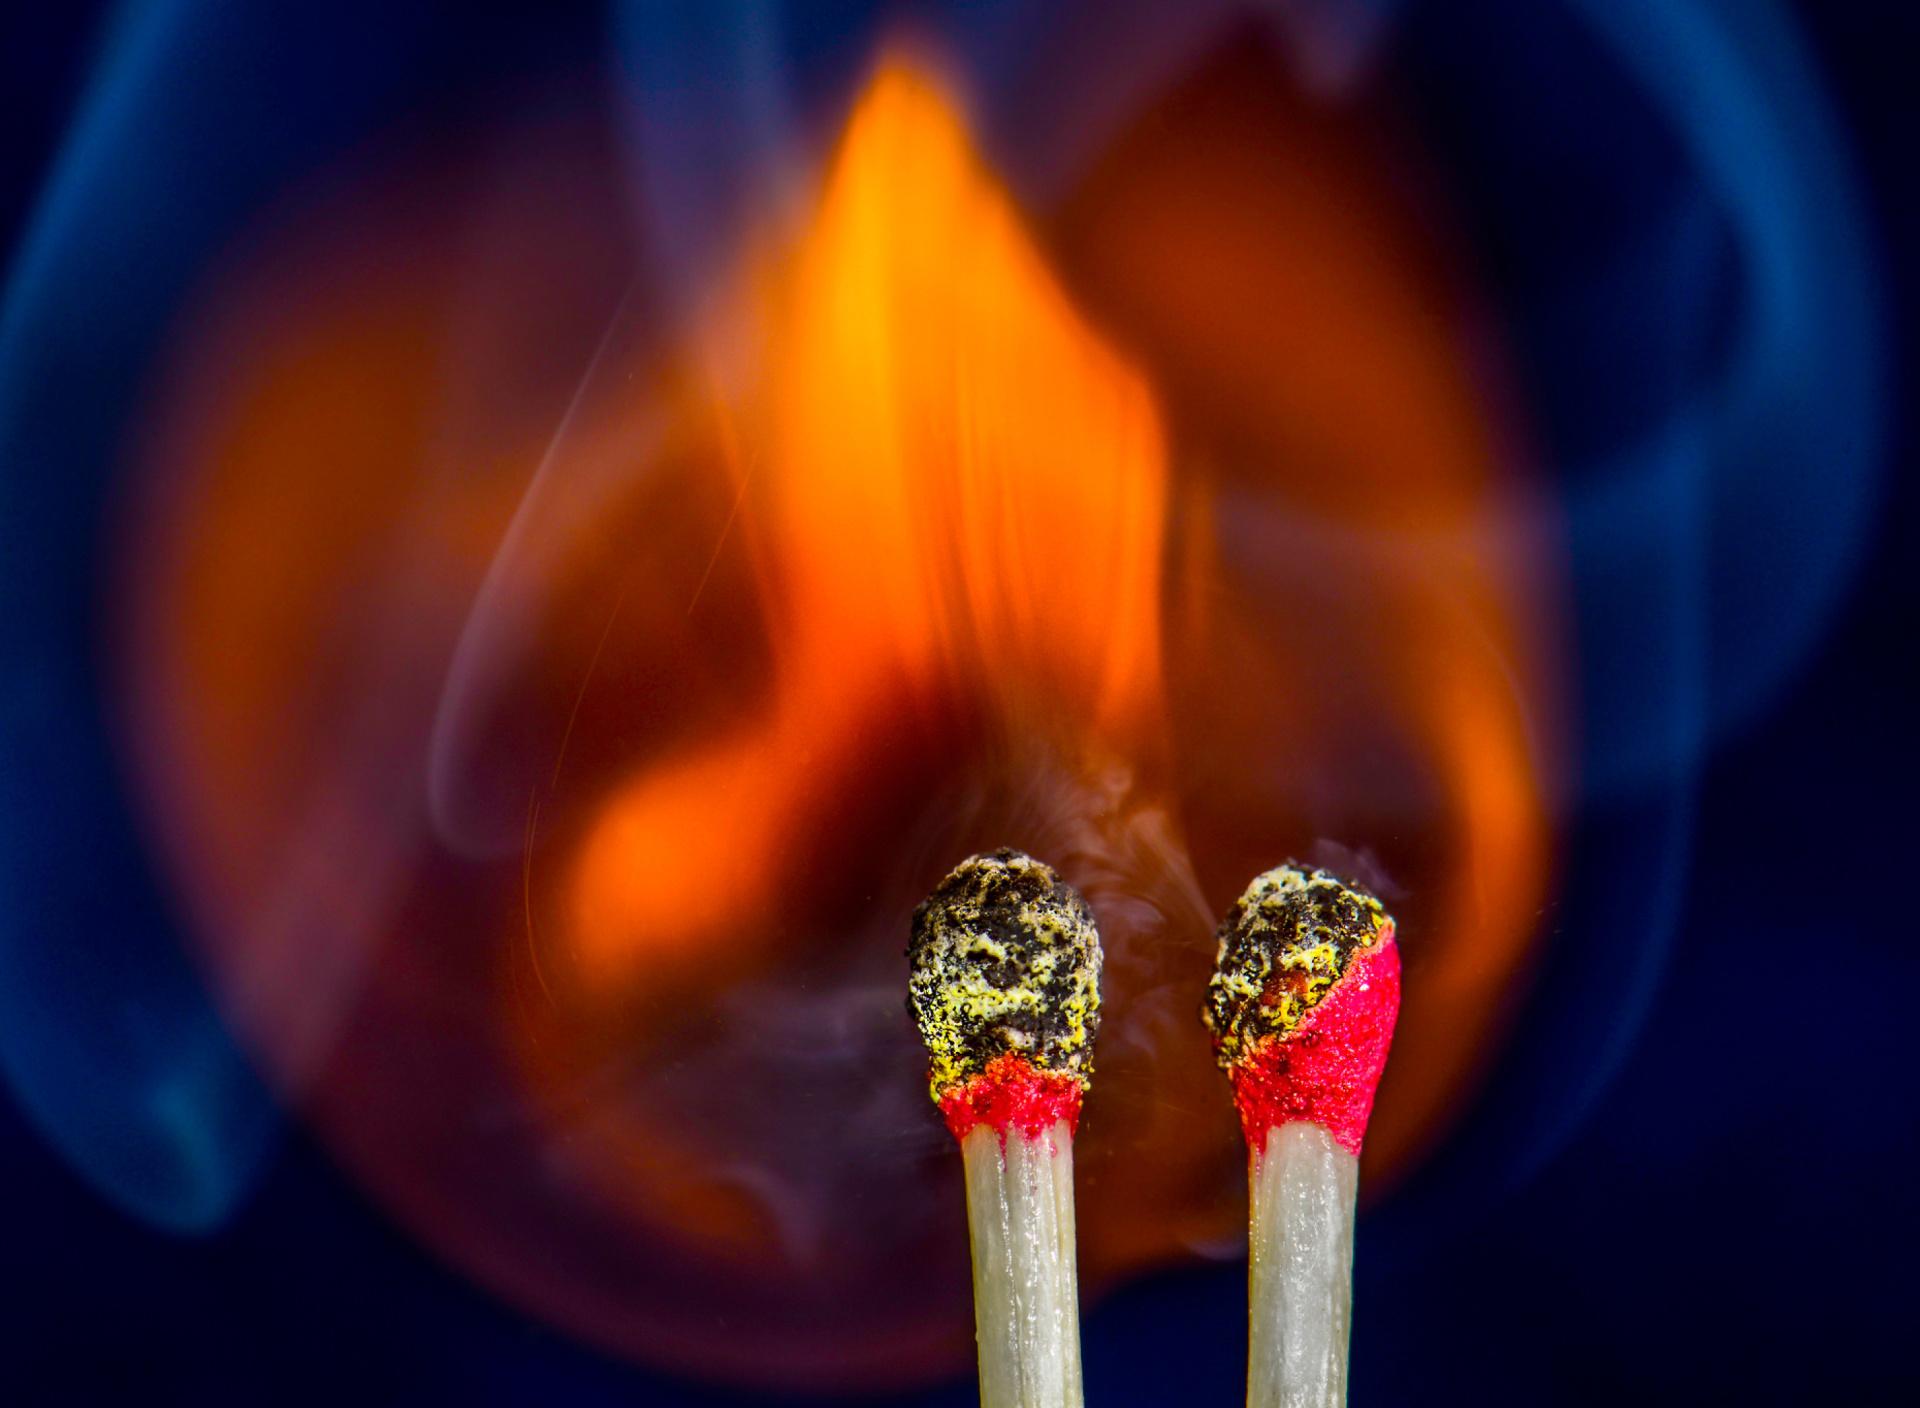 спичка огонь бесплатно